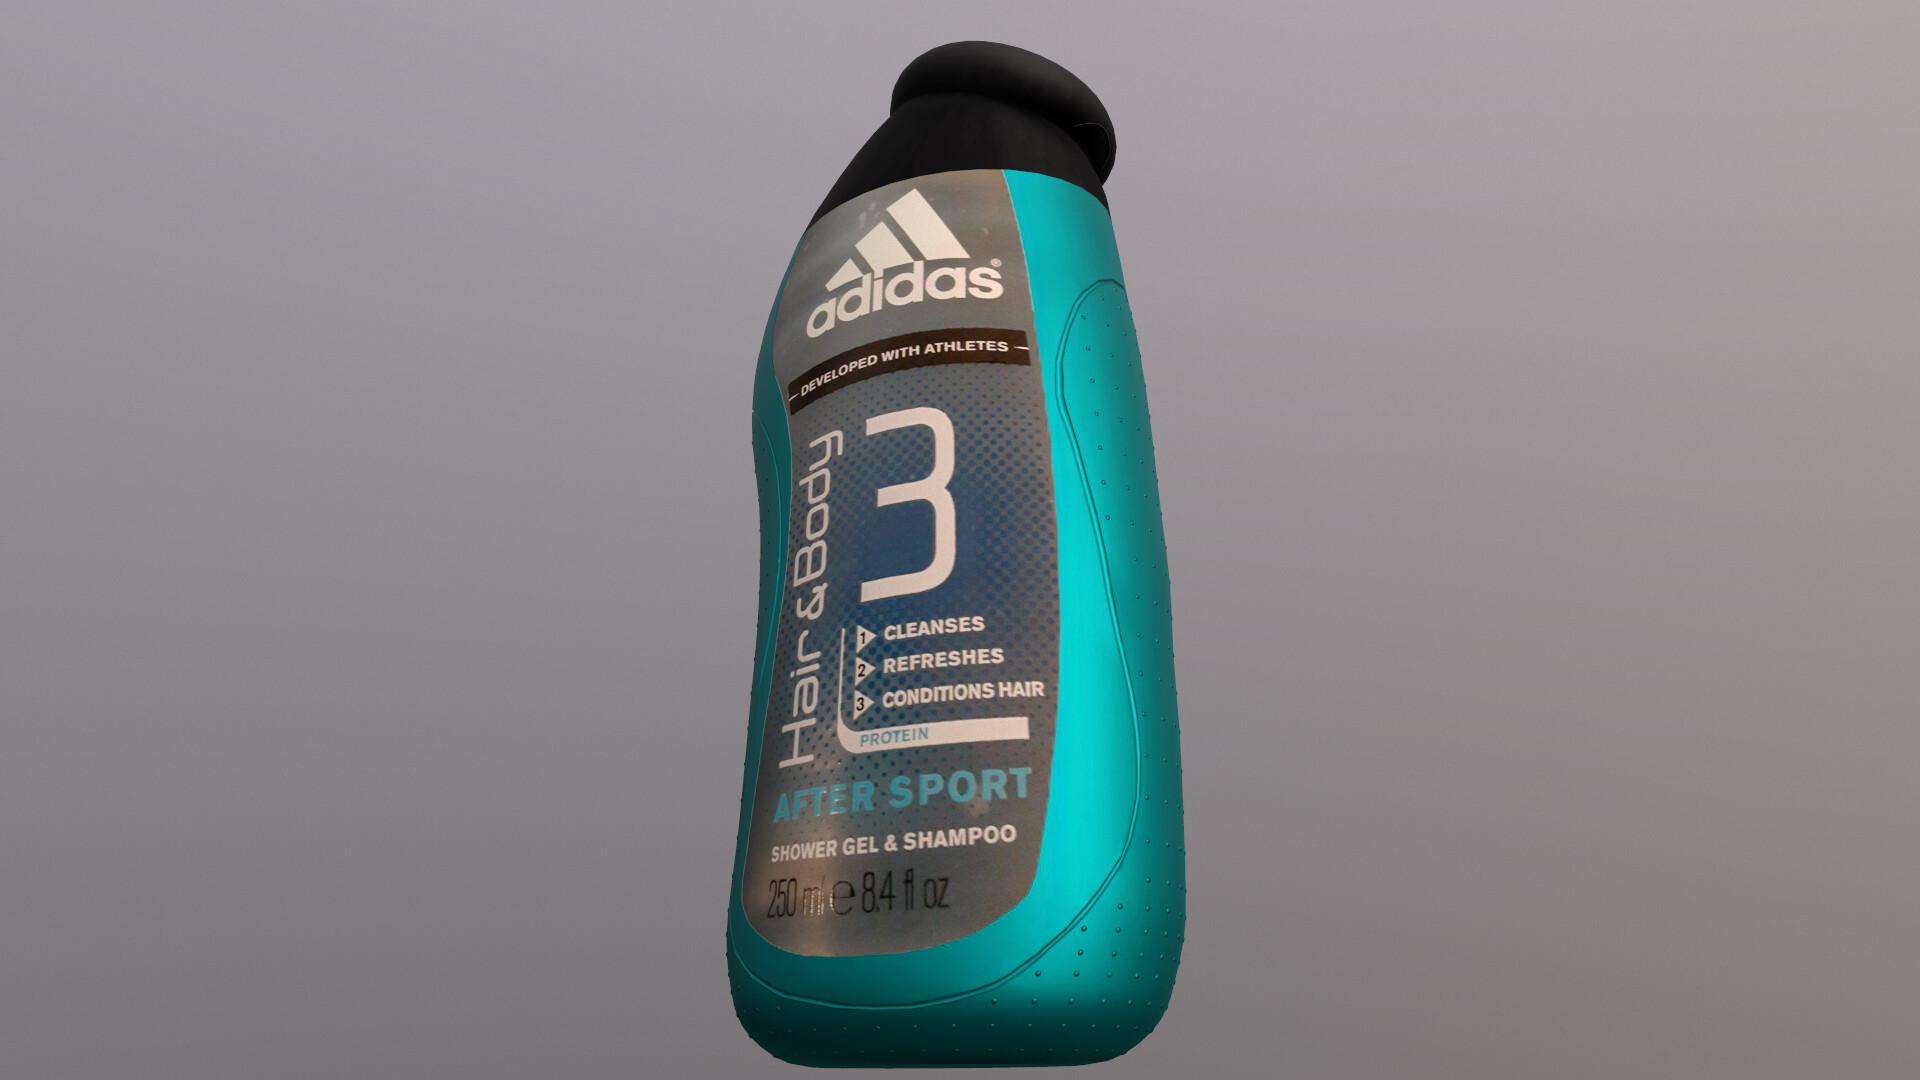 En Tareas del hogar empeorar  ArtStation - Adidas after sport shower gel shampoo, Vladislav Fomenos